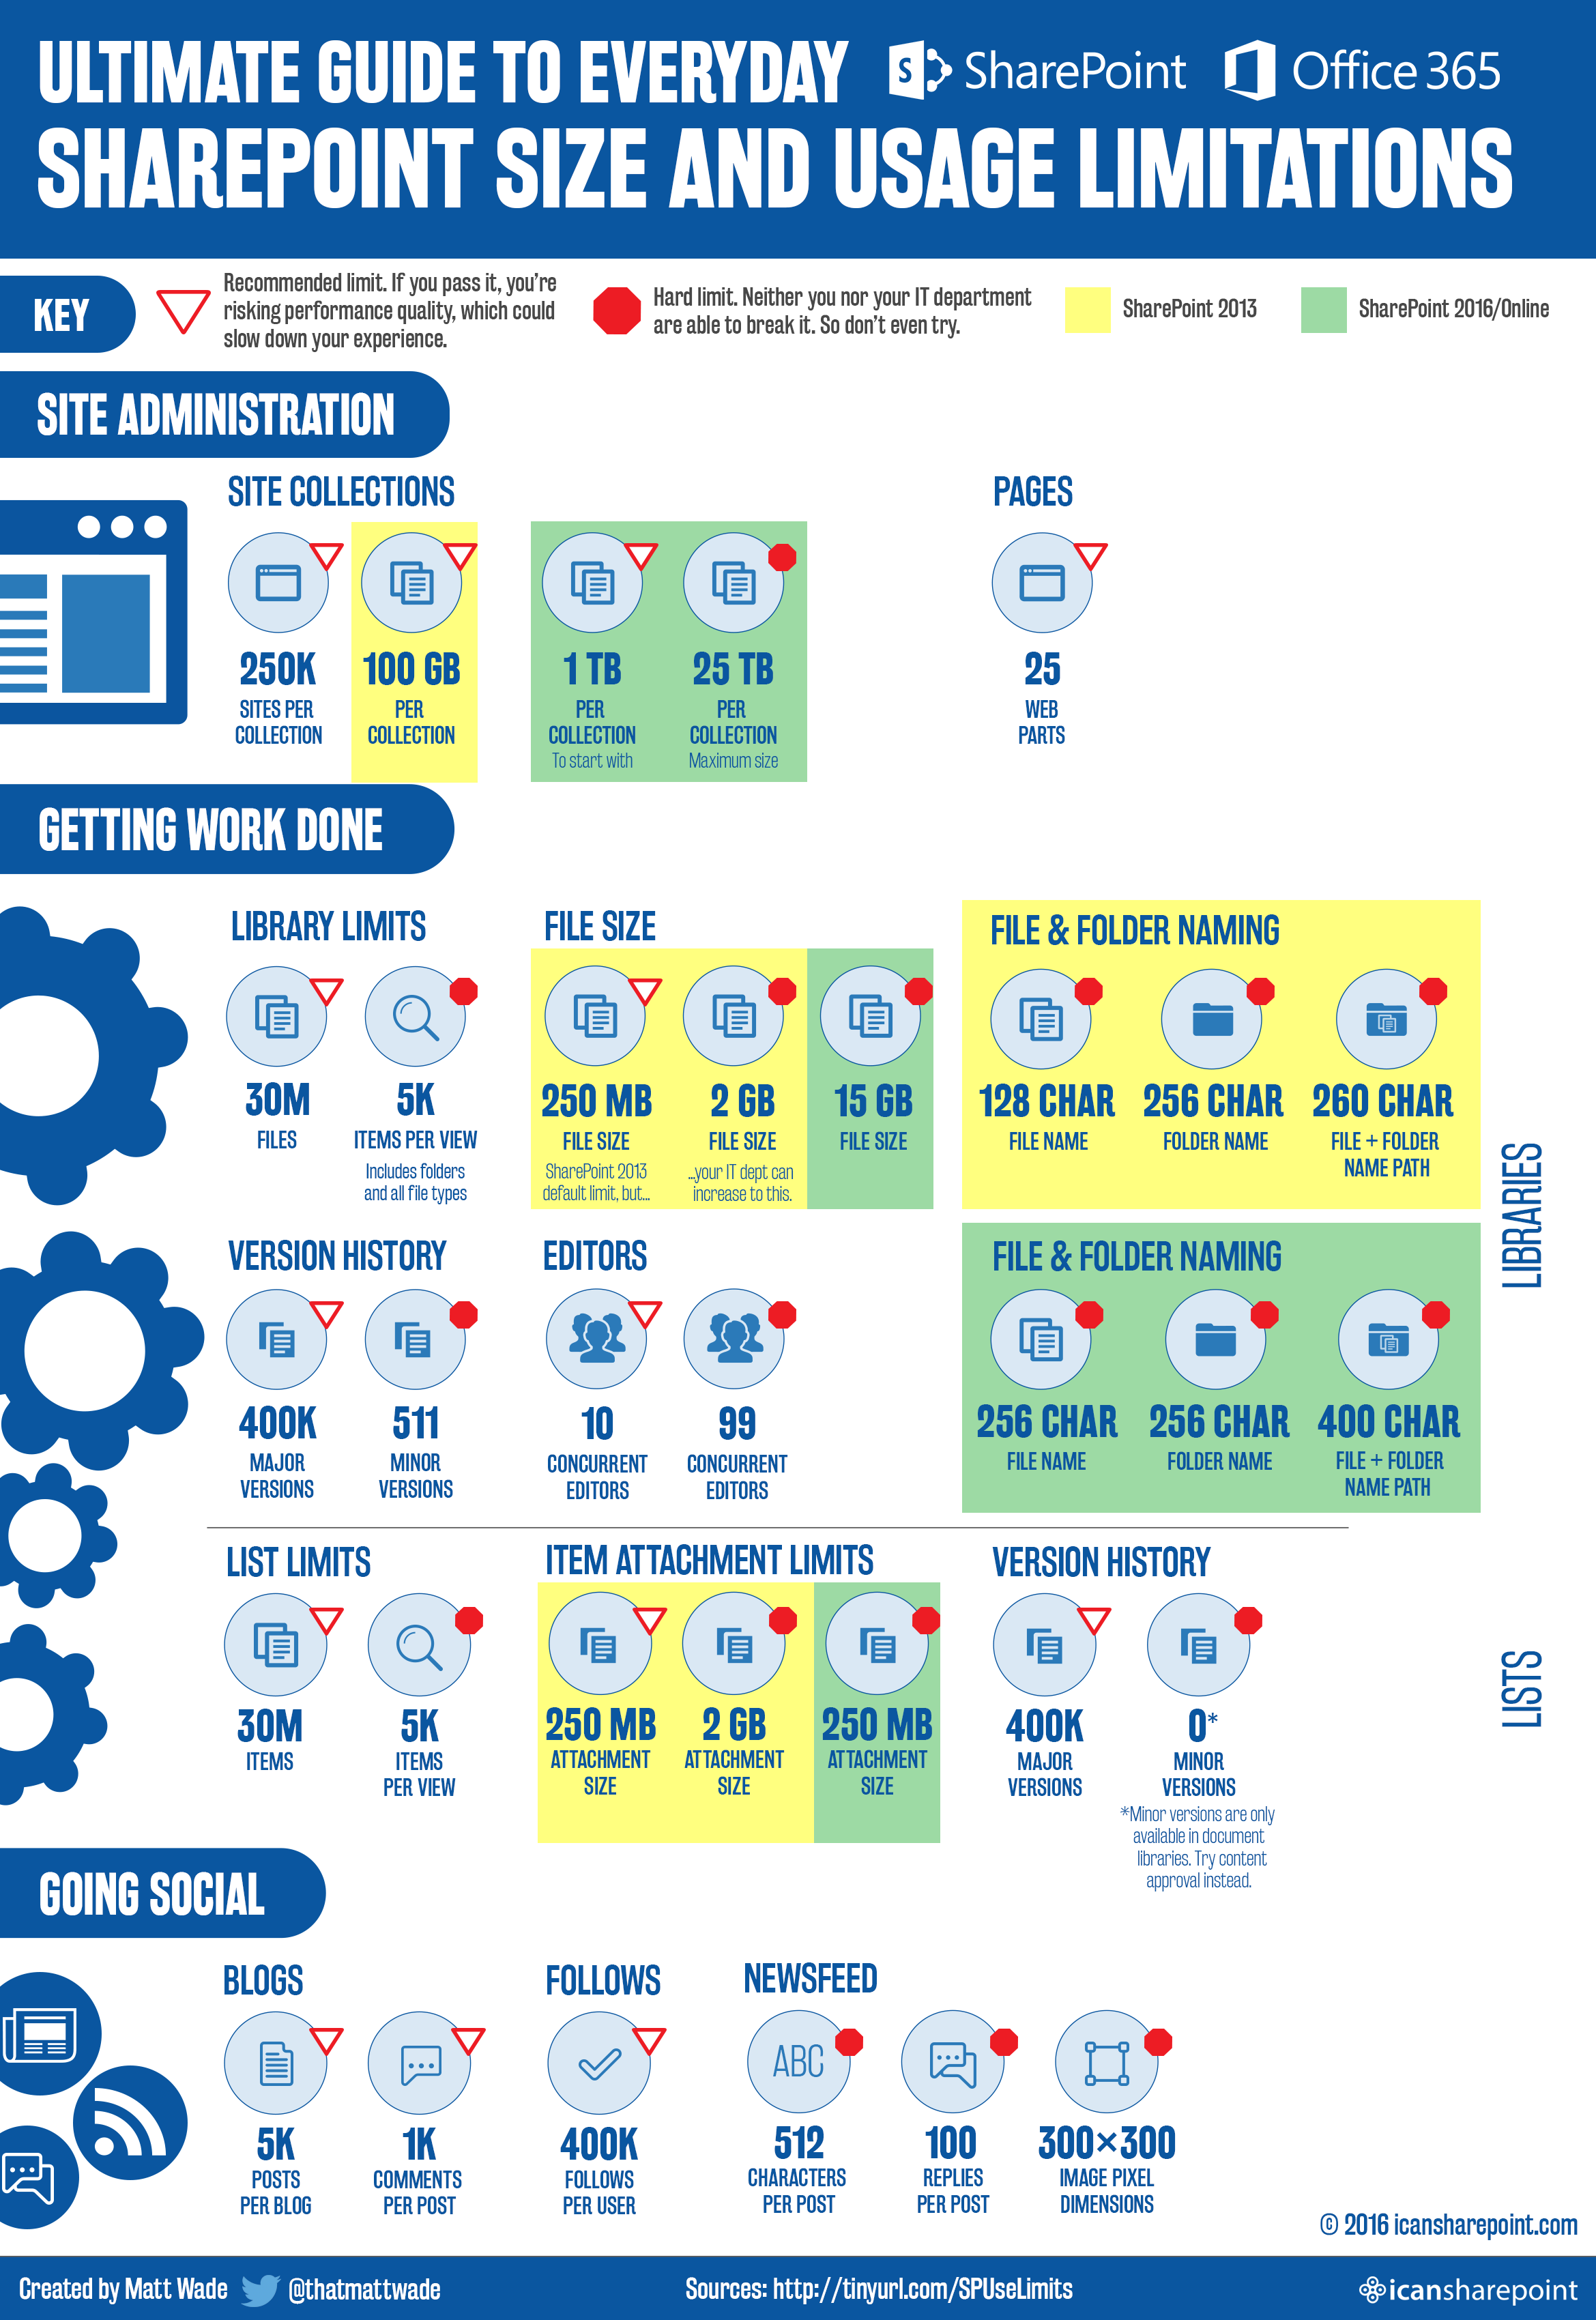 Представлення лімітів SharePoint у вигляді інфографіки